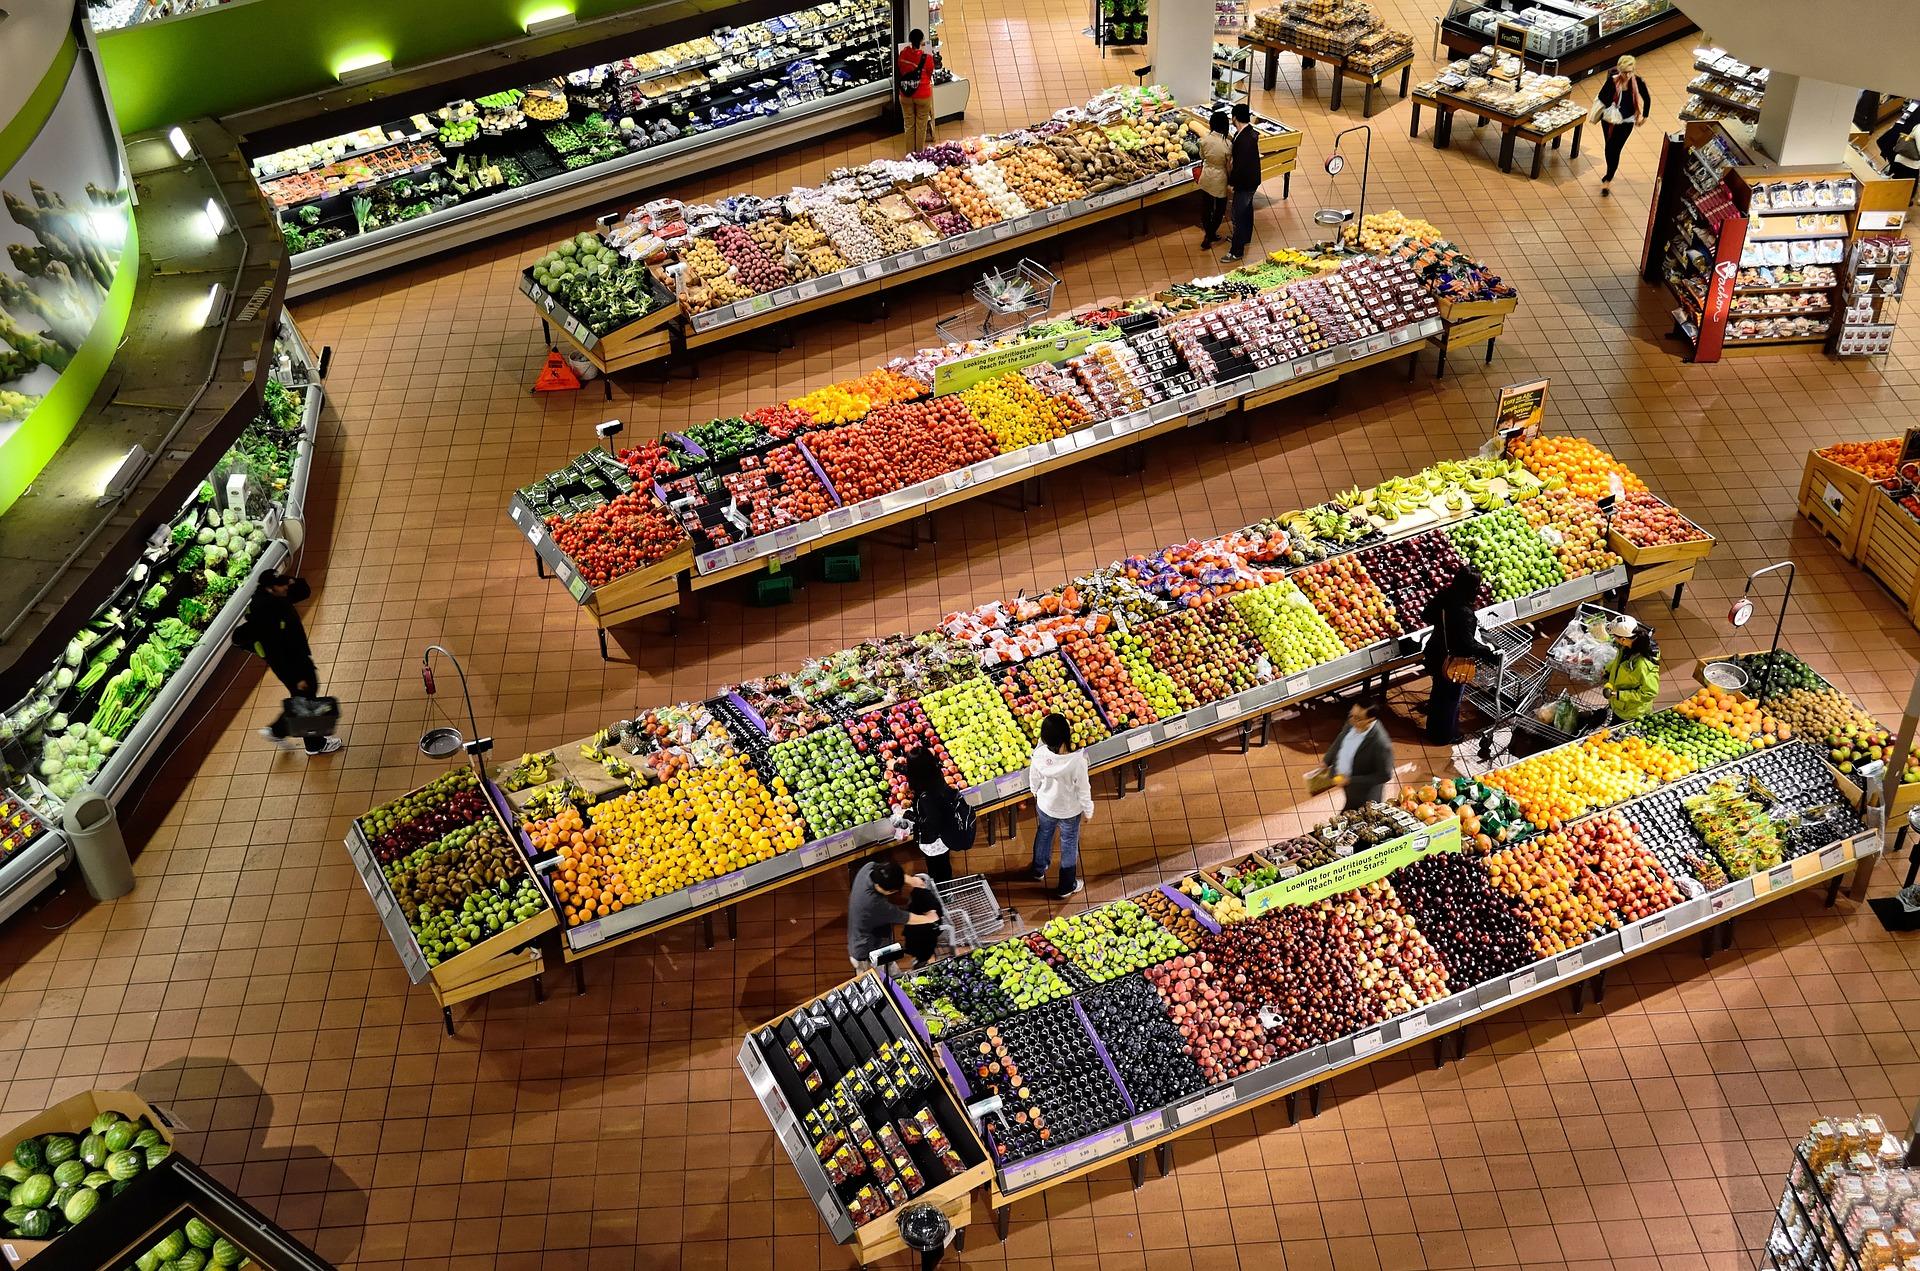 abgelaufene Lebensmittel kaufen Supermarkt